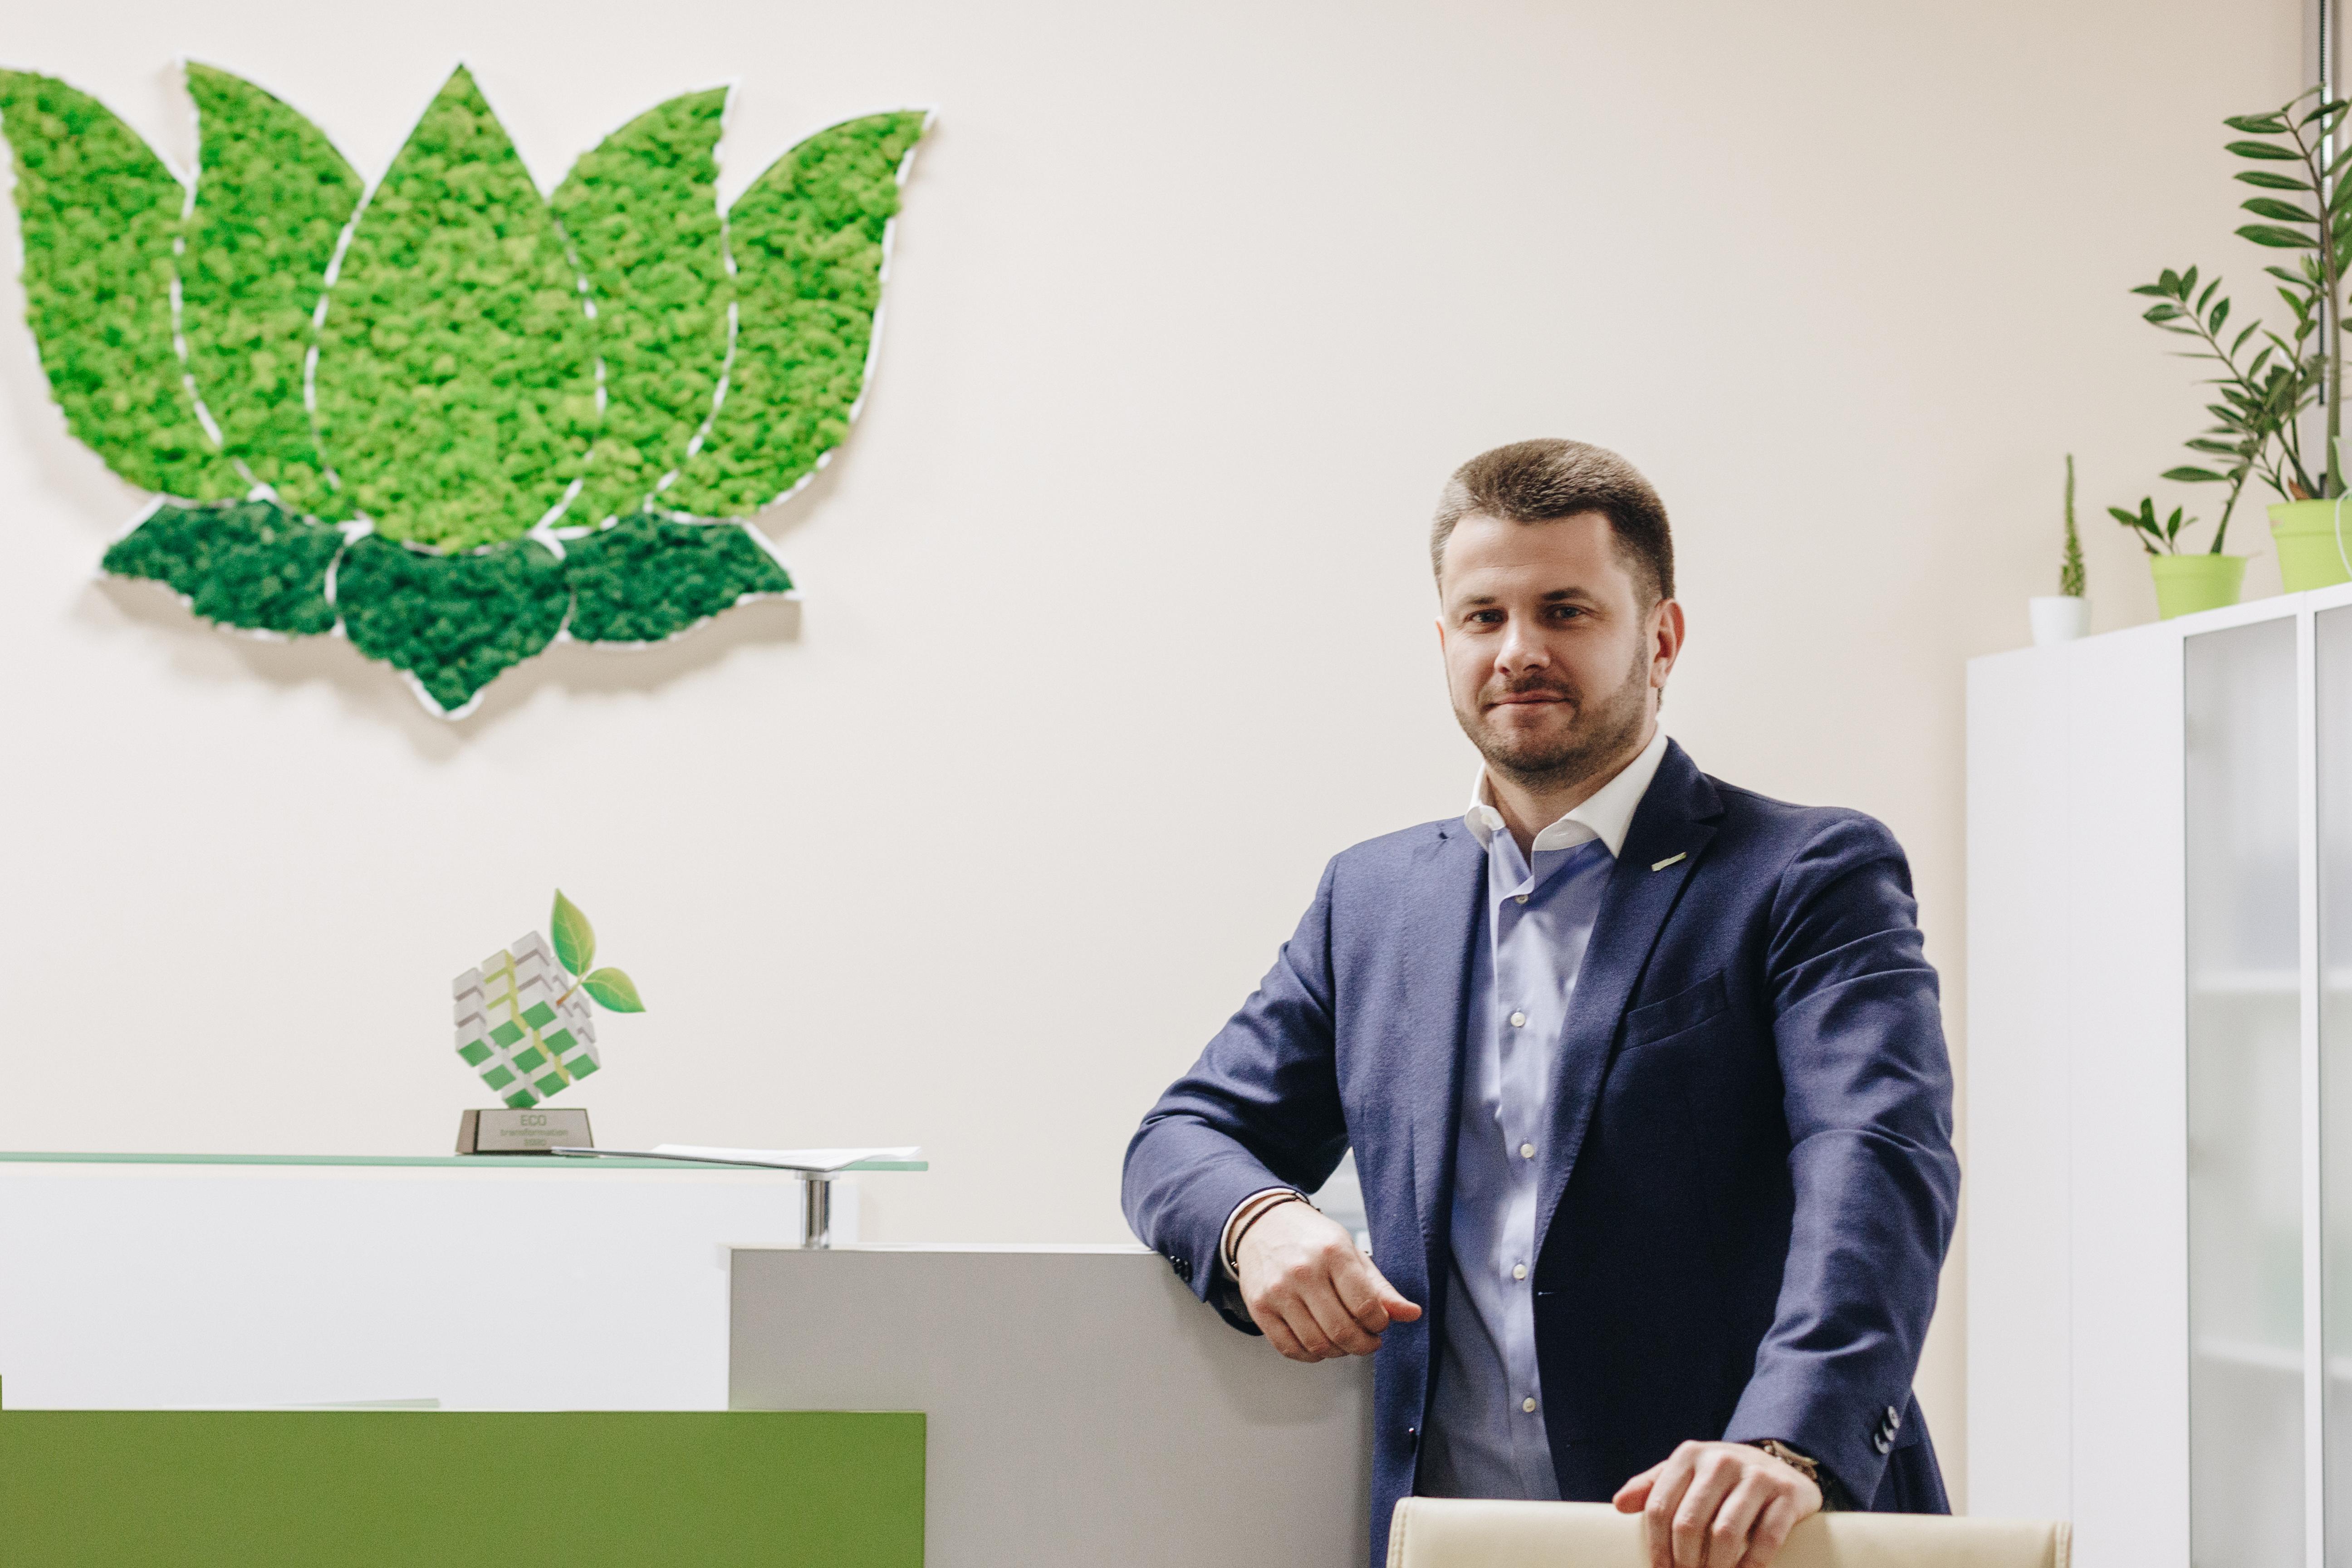 Андрей Гриненко рассказал о добыче биогаза на мусорных полигонах